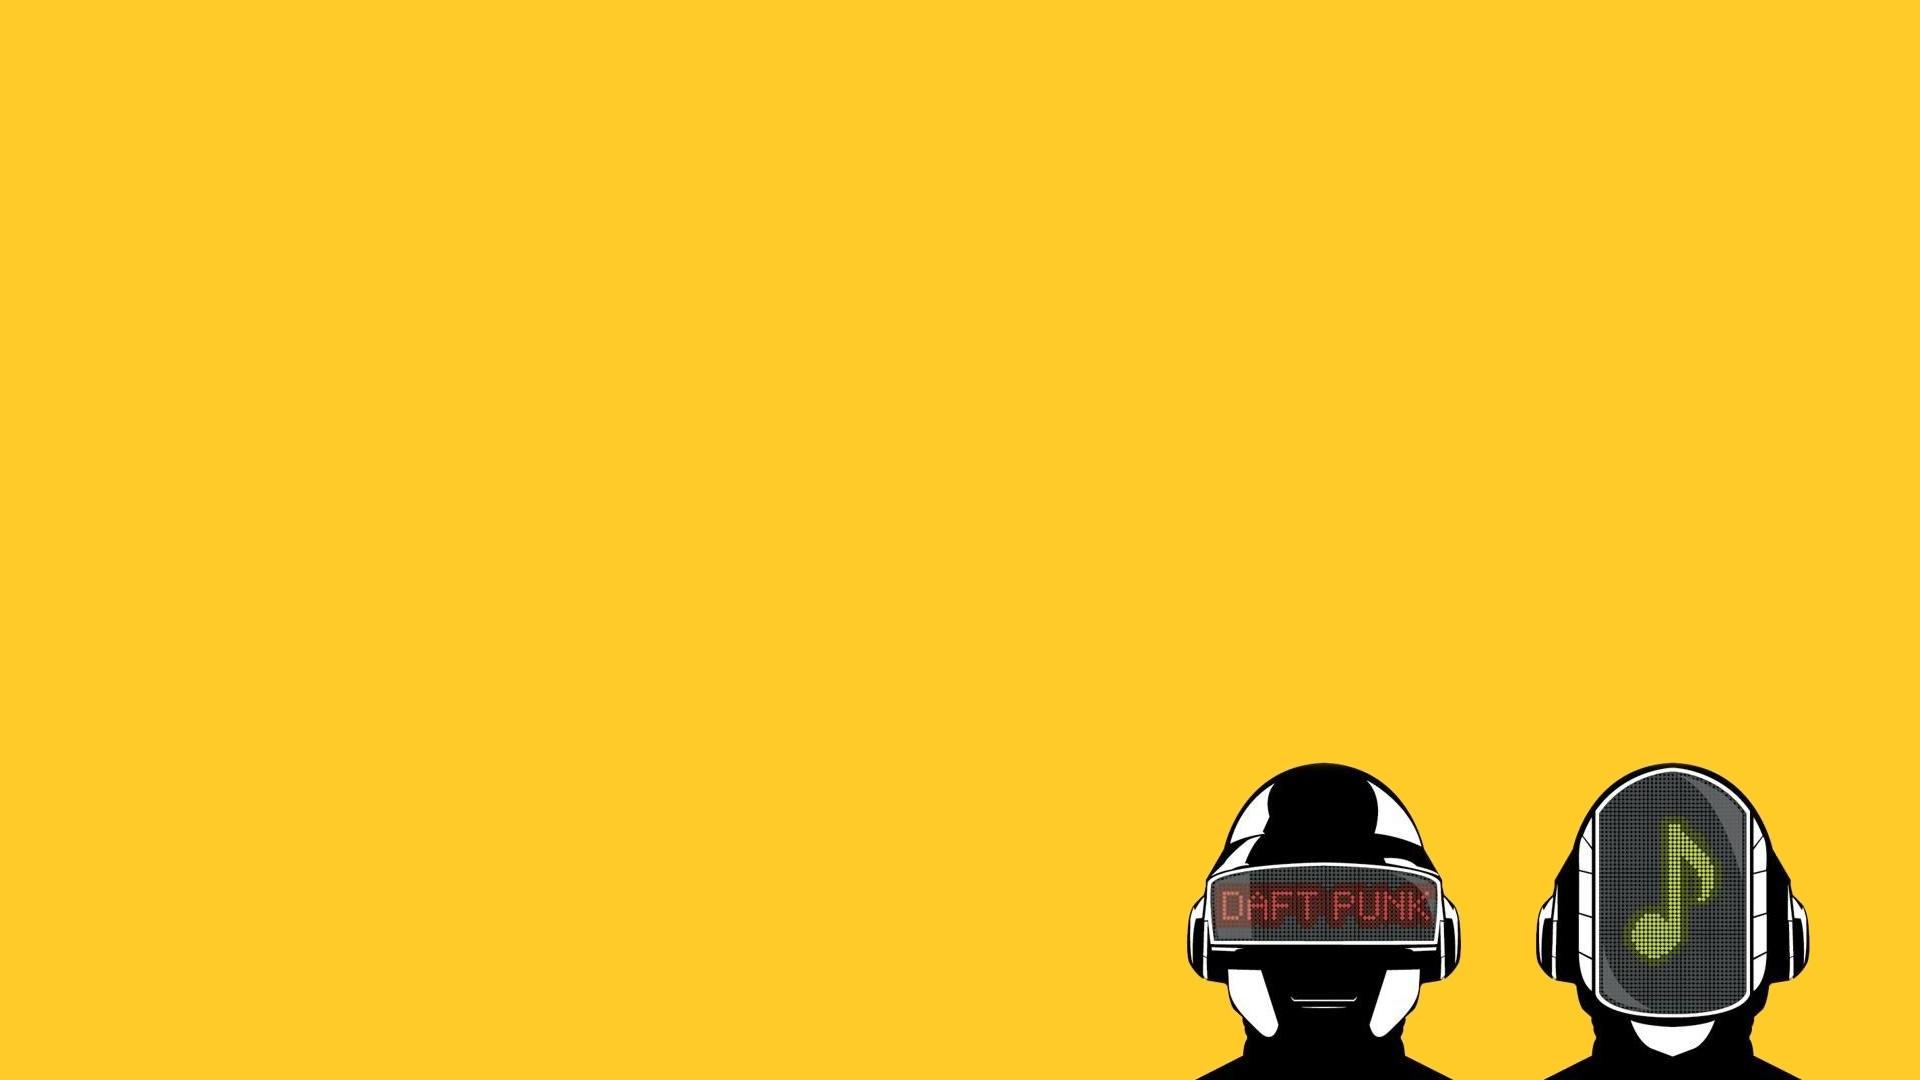 Daft Punk a wallpaper